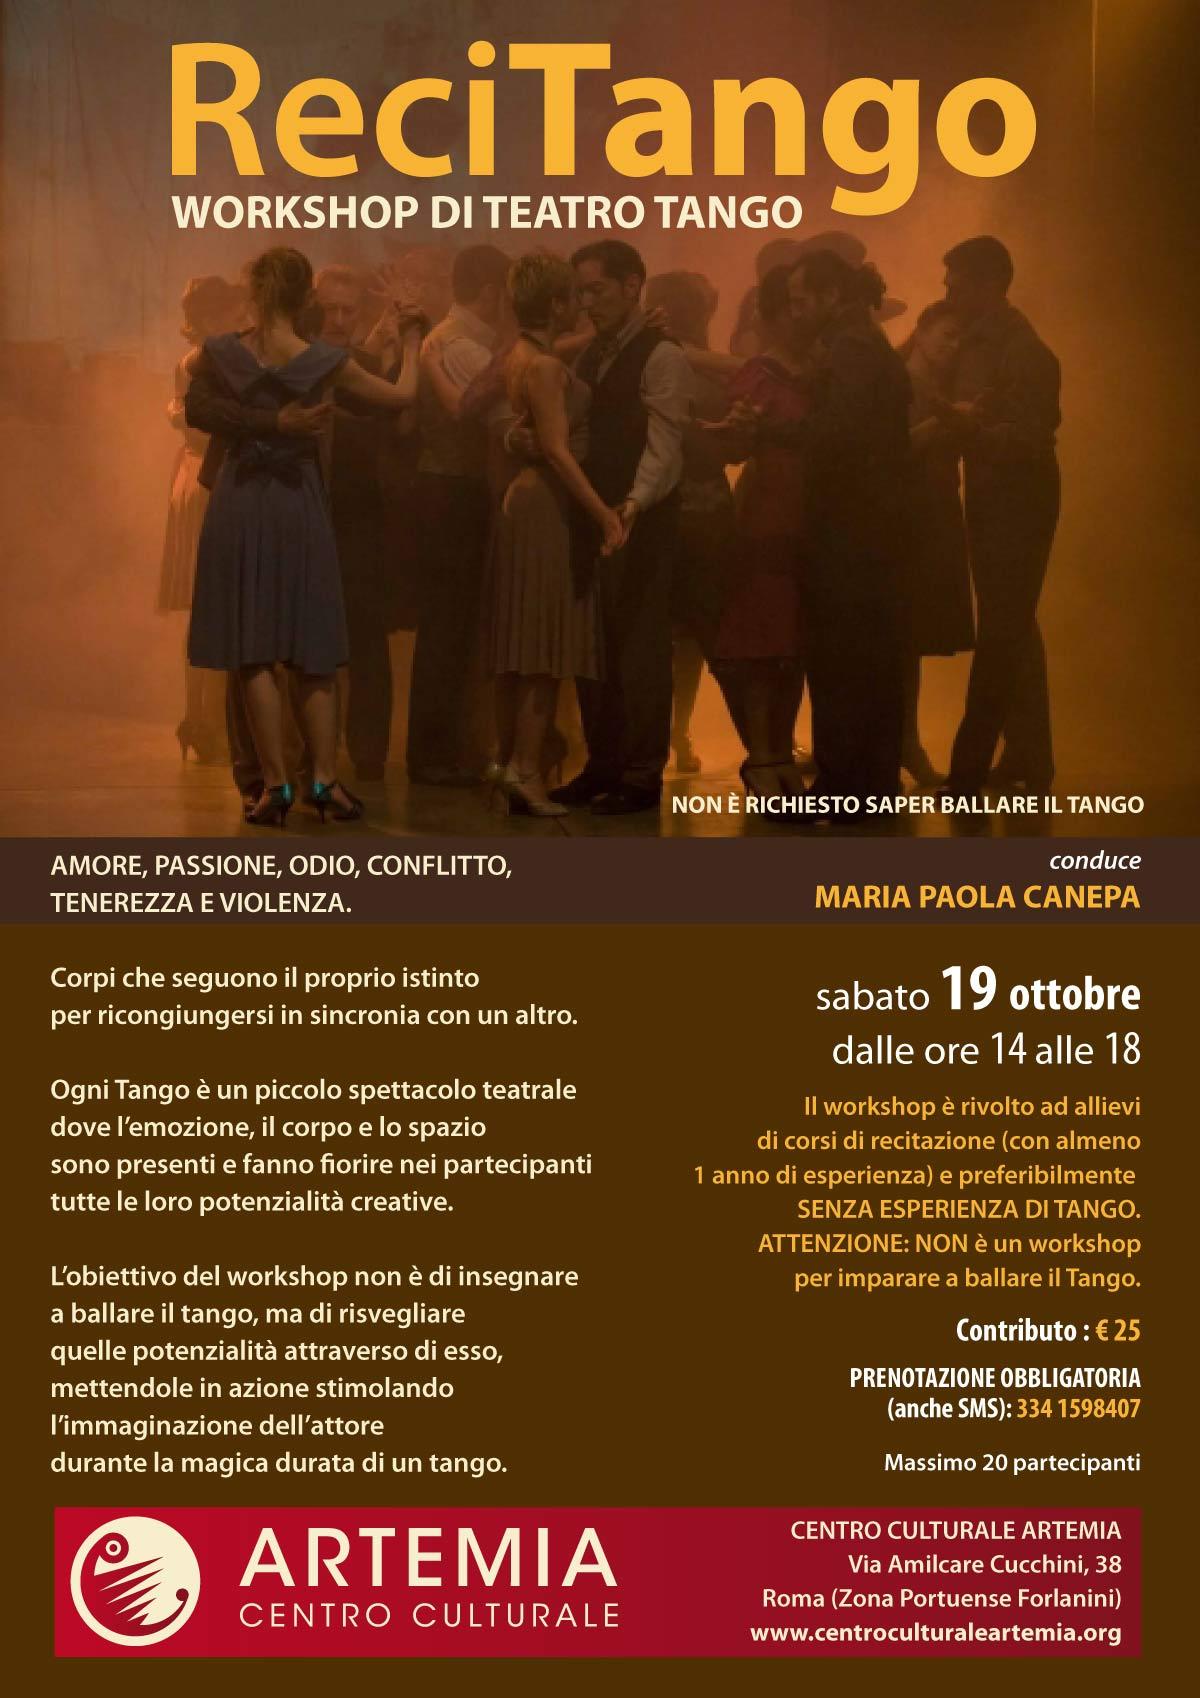 ReciTango – Workshop di Teatro/Tango